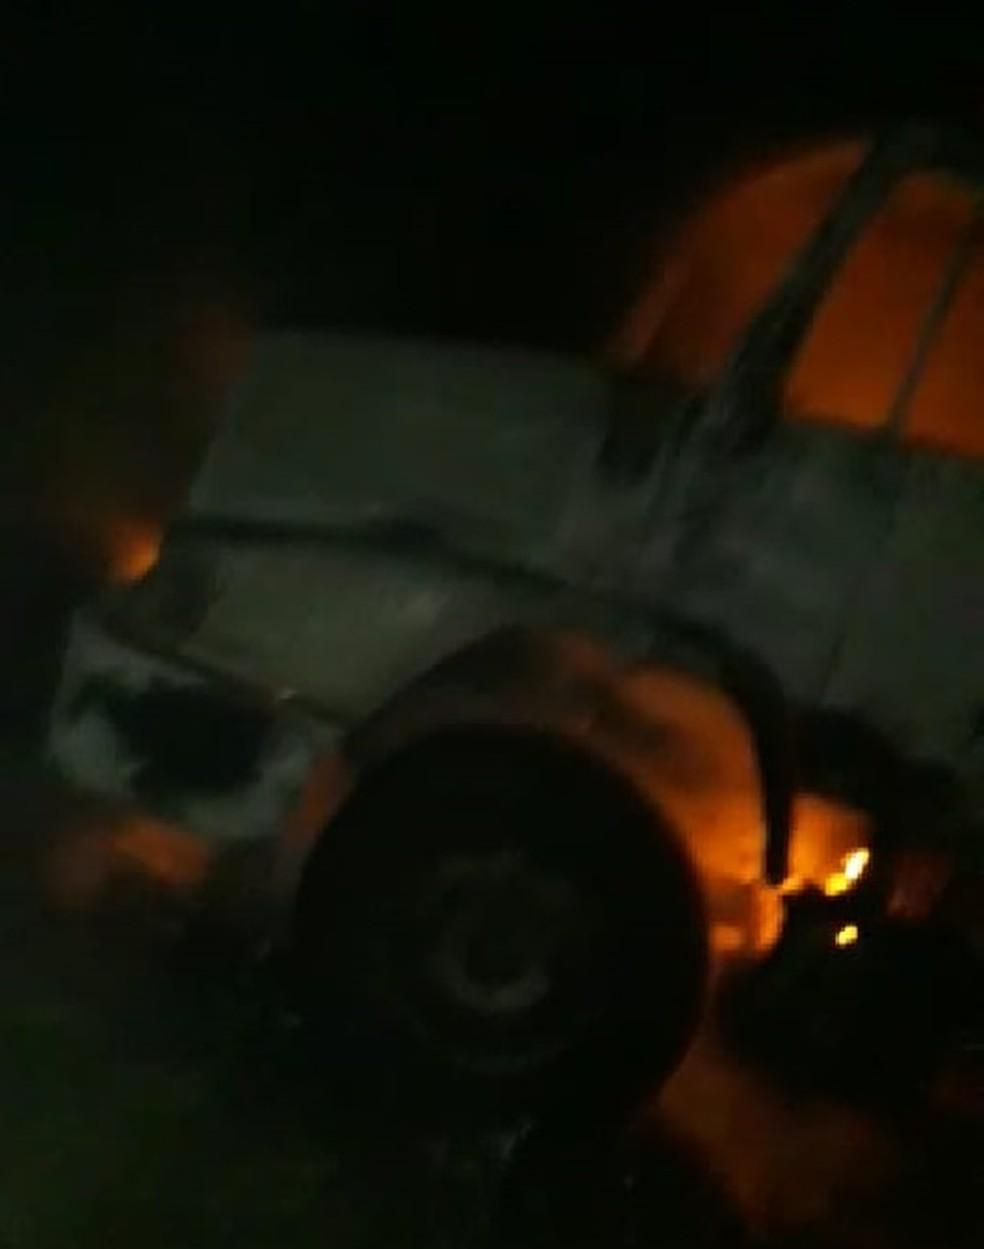 Caminhões incendiados estavam em fábrica de cerâmica às margens da BR-226 na região Seridó do RN — Foto: Reprodução